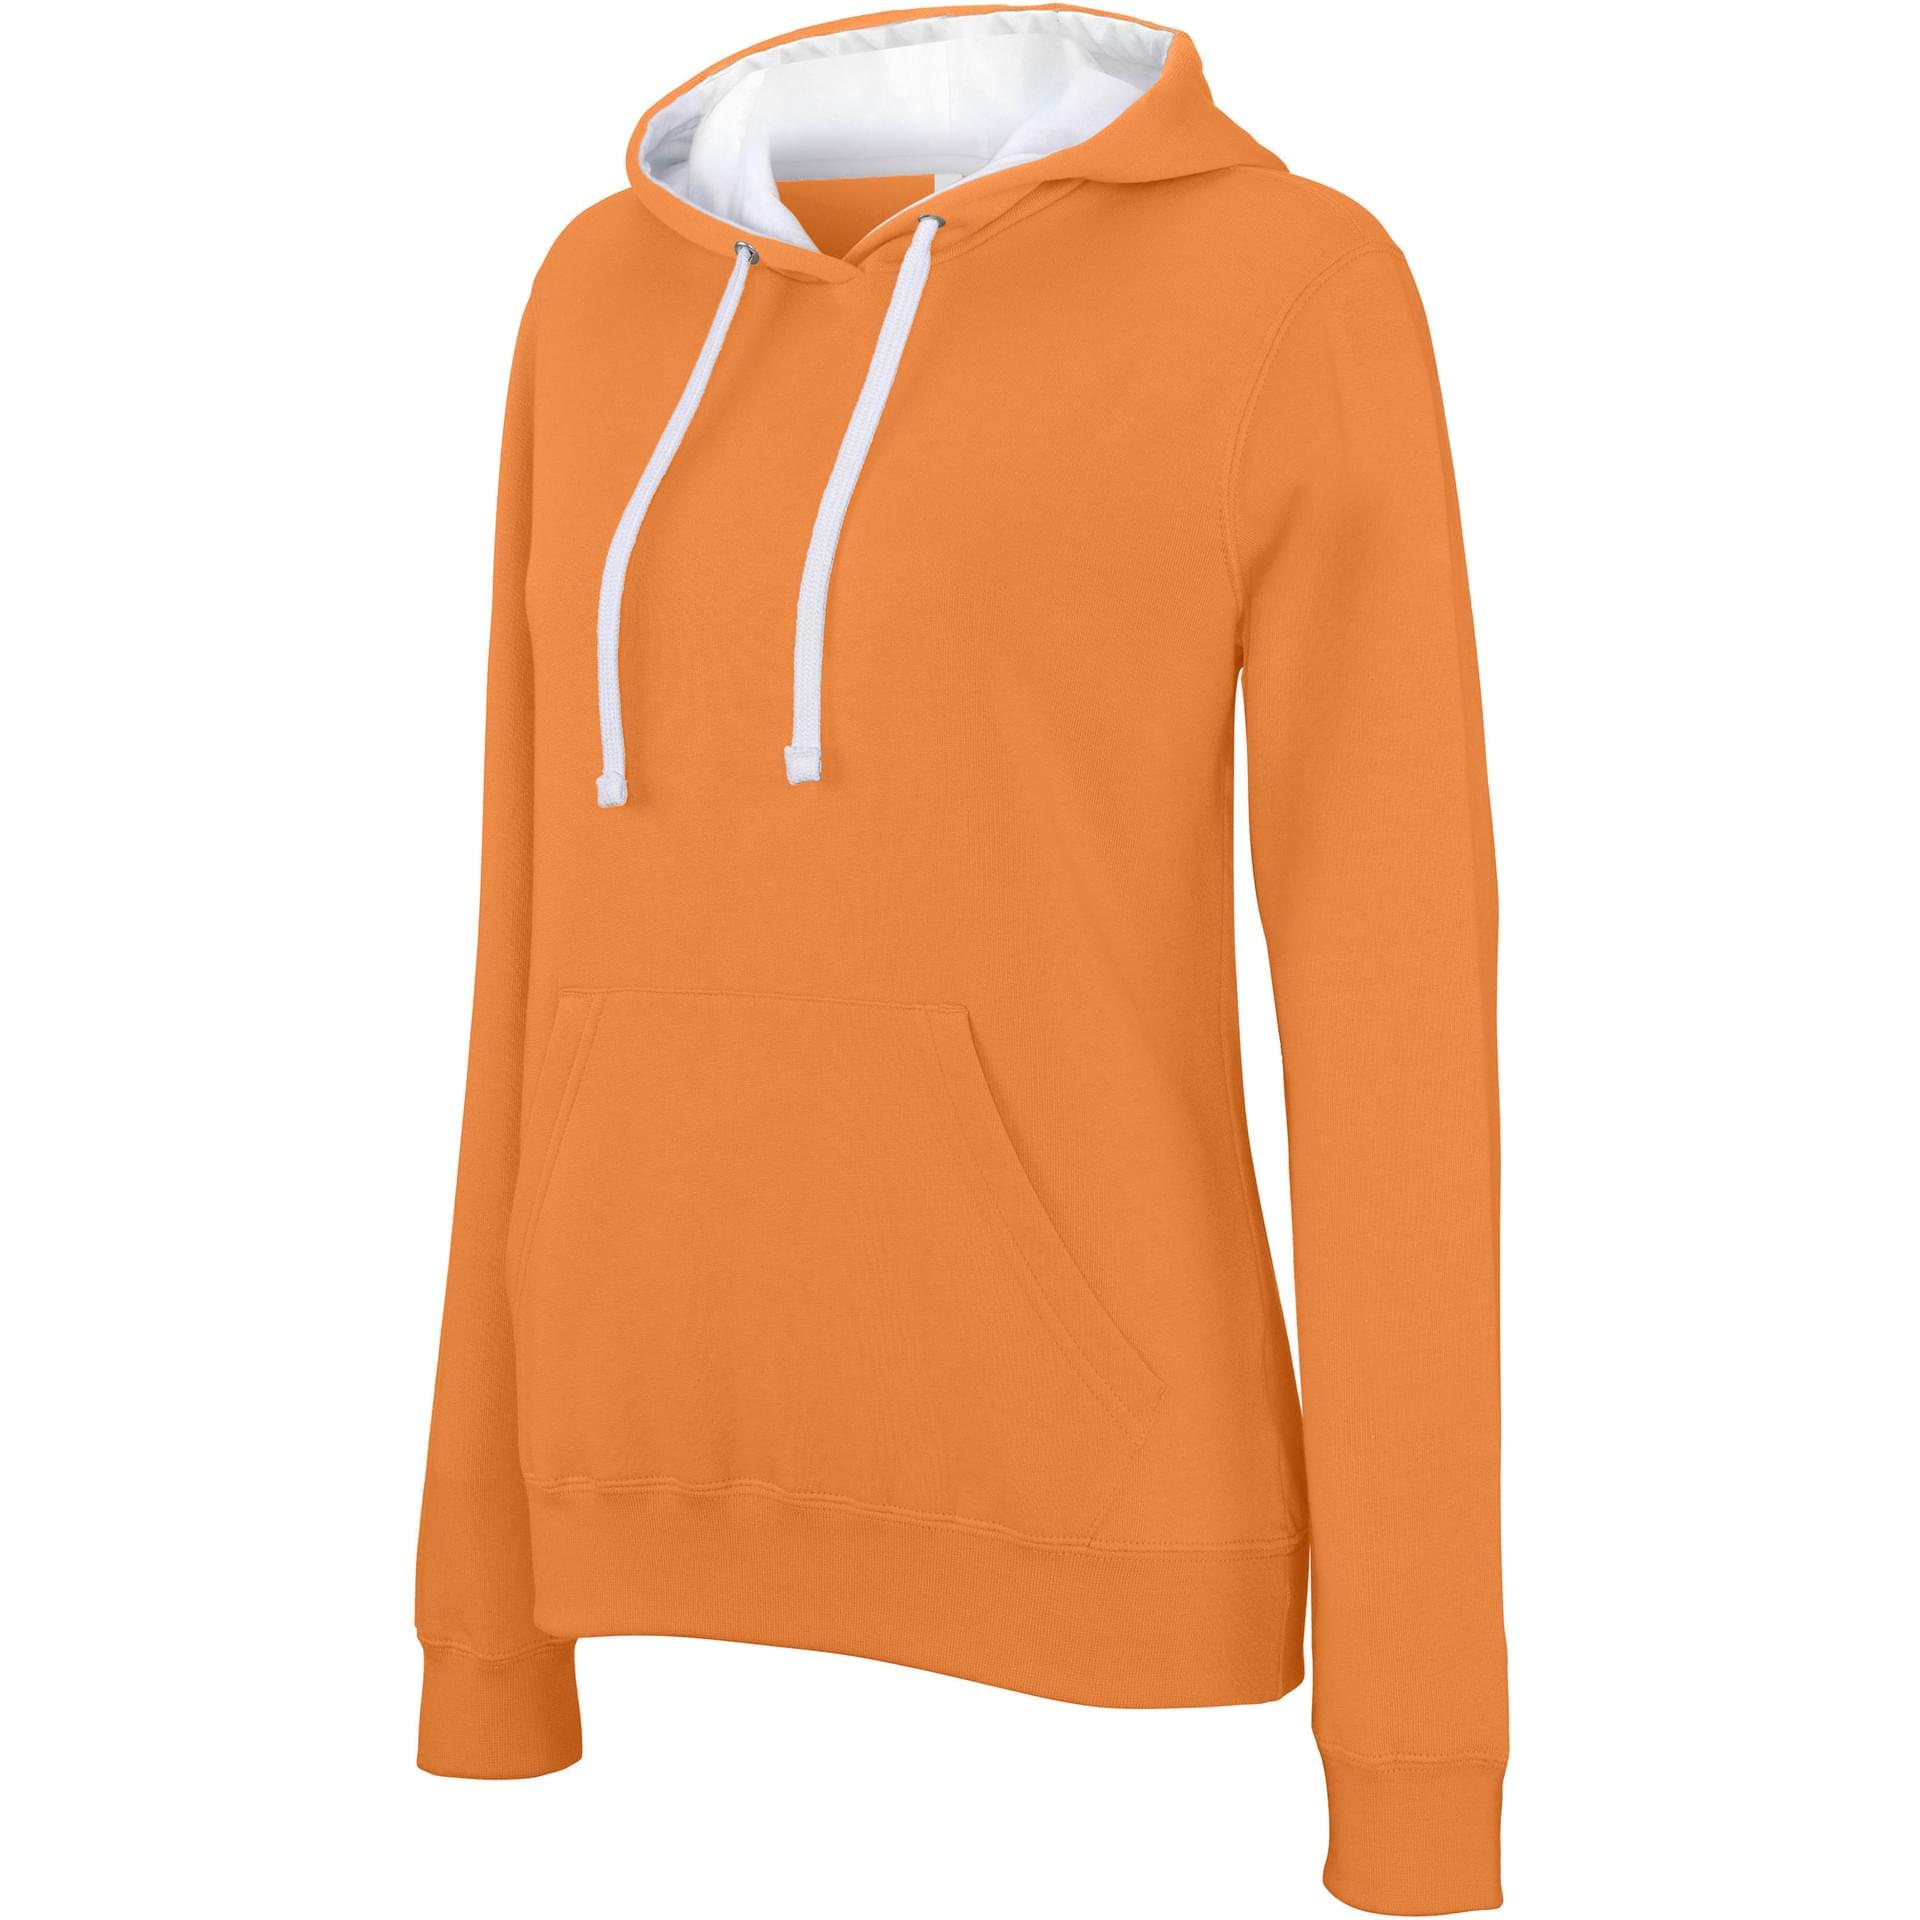 Sweat personnalisé sweat-shirt capuche contrastée femme kariban orange white 0691620fd21